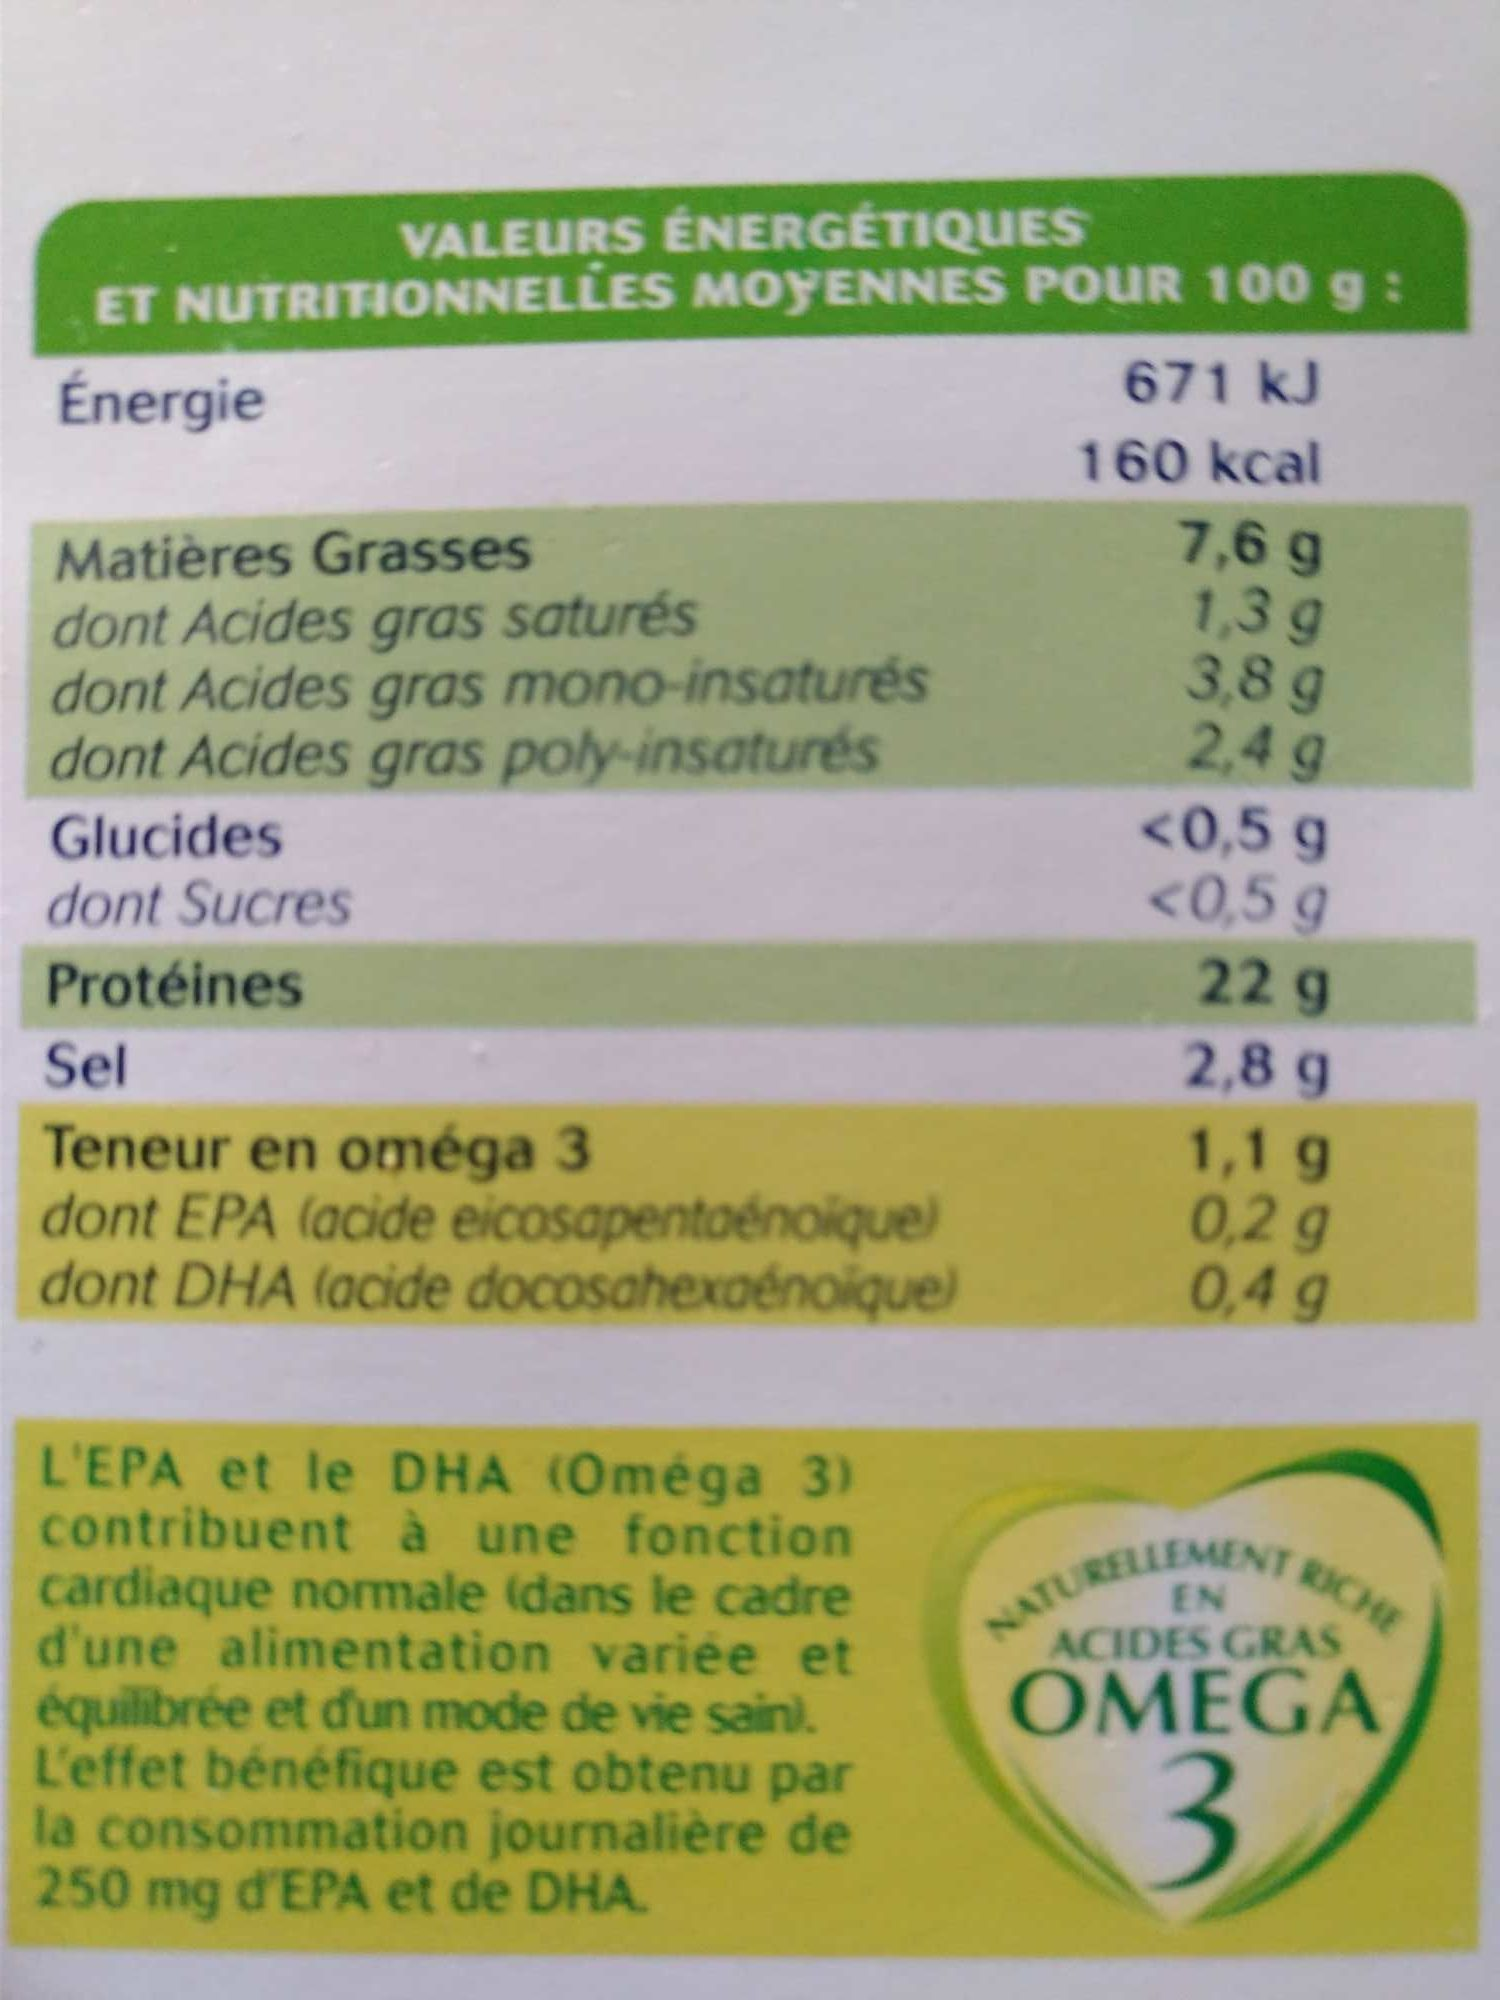 Truite Fumée Pyrénées (4 tranches) - 120 g - Ingrédients - fr